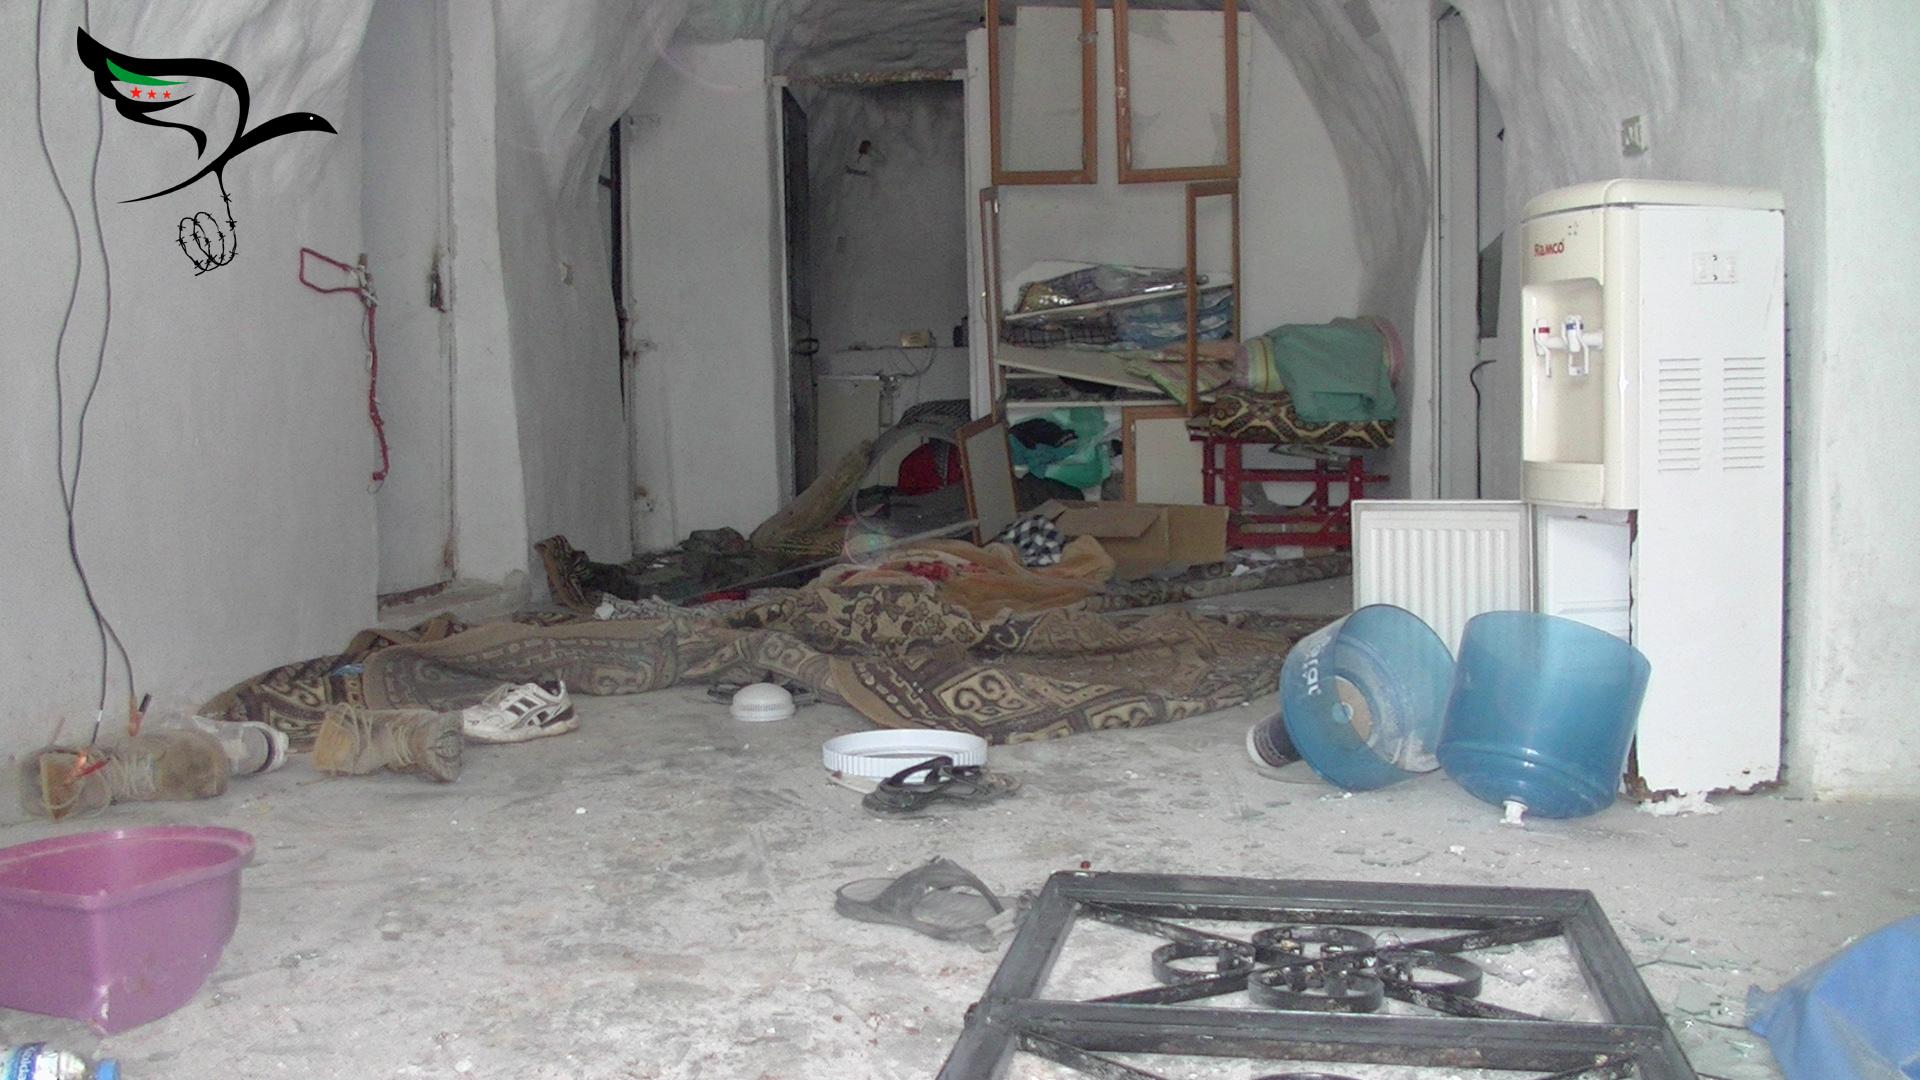 أدّى القصف الروسي على معرزيتا إلى تدمير نقطة طبية ومقتل أربعة من الطواقم الطبية -عدسة اللجنة السورية لحقوق الإنسان